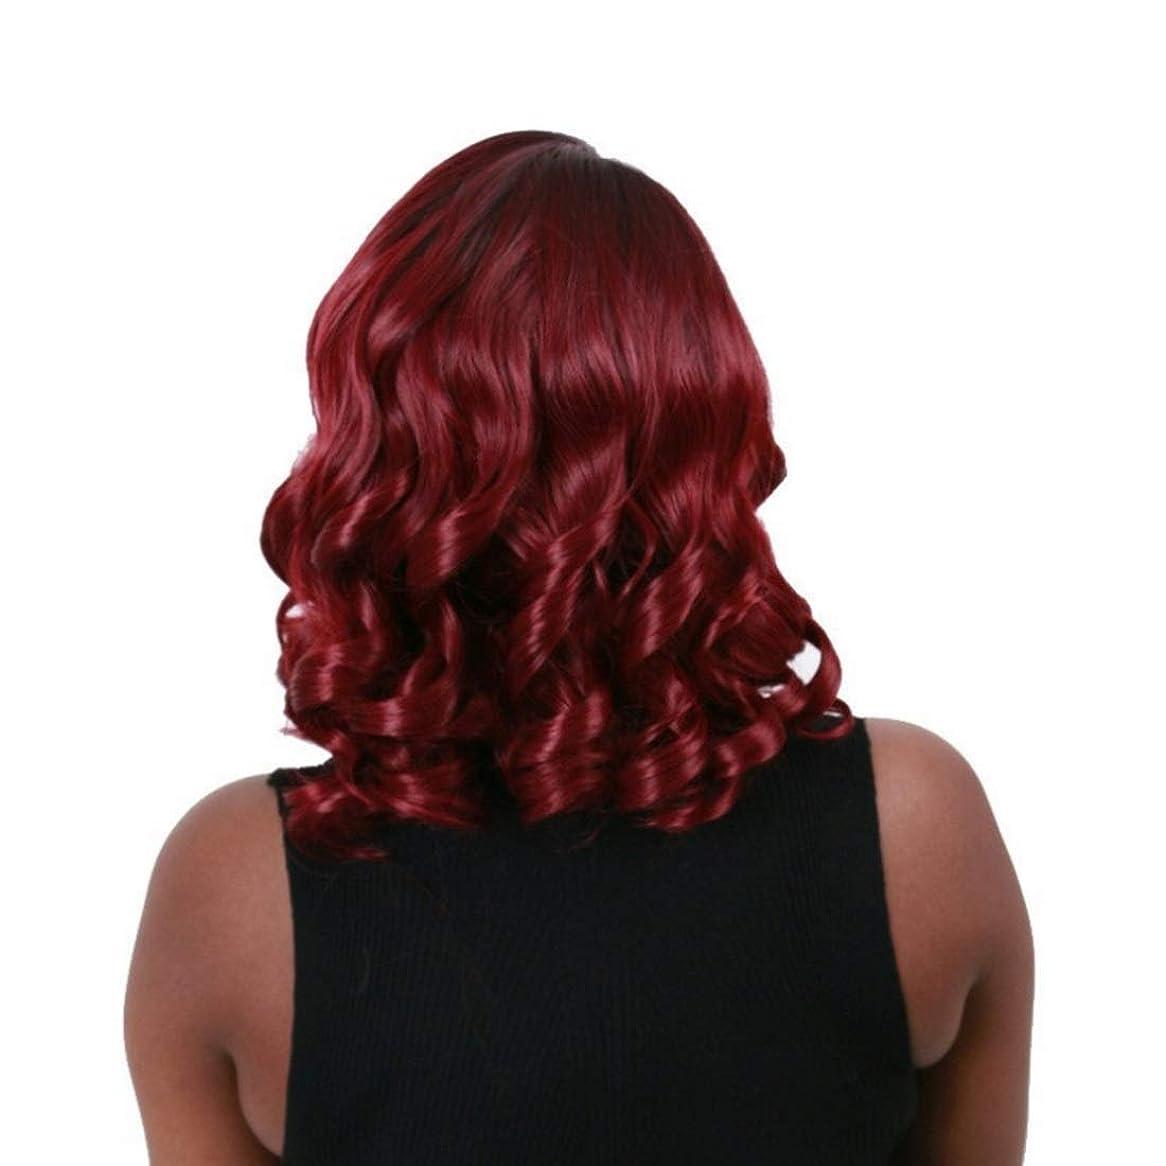 教育者人口使用法Koloeplf かつら女性のための傾斜前髪ショートカーリーヘアーワインレッド高温シルクウィッグ